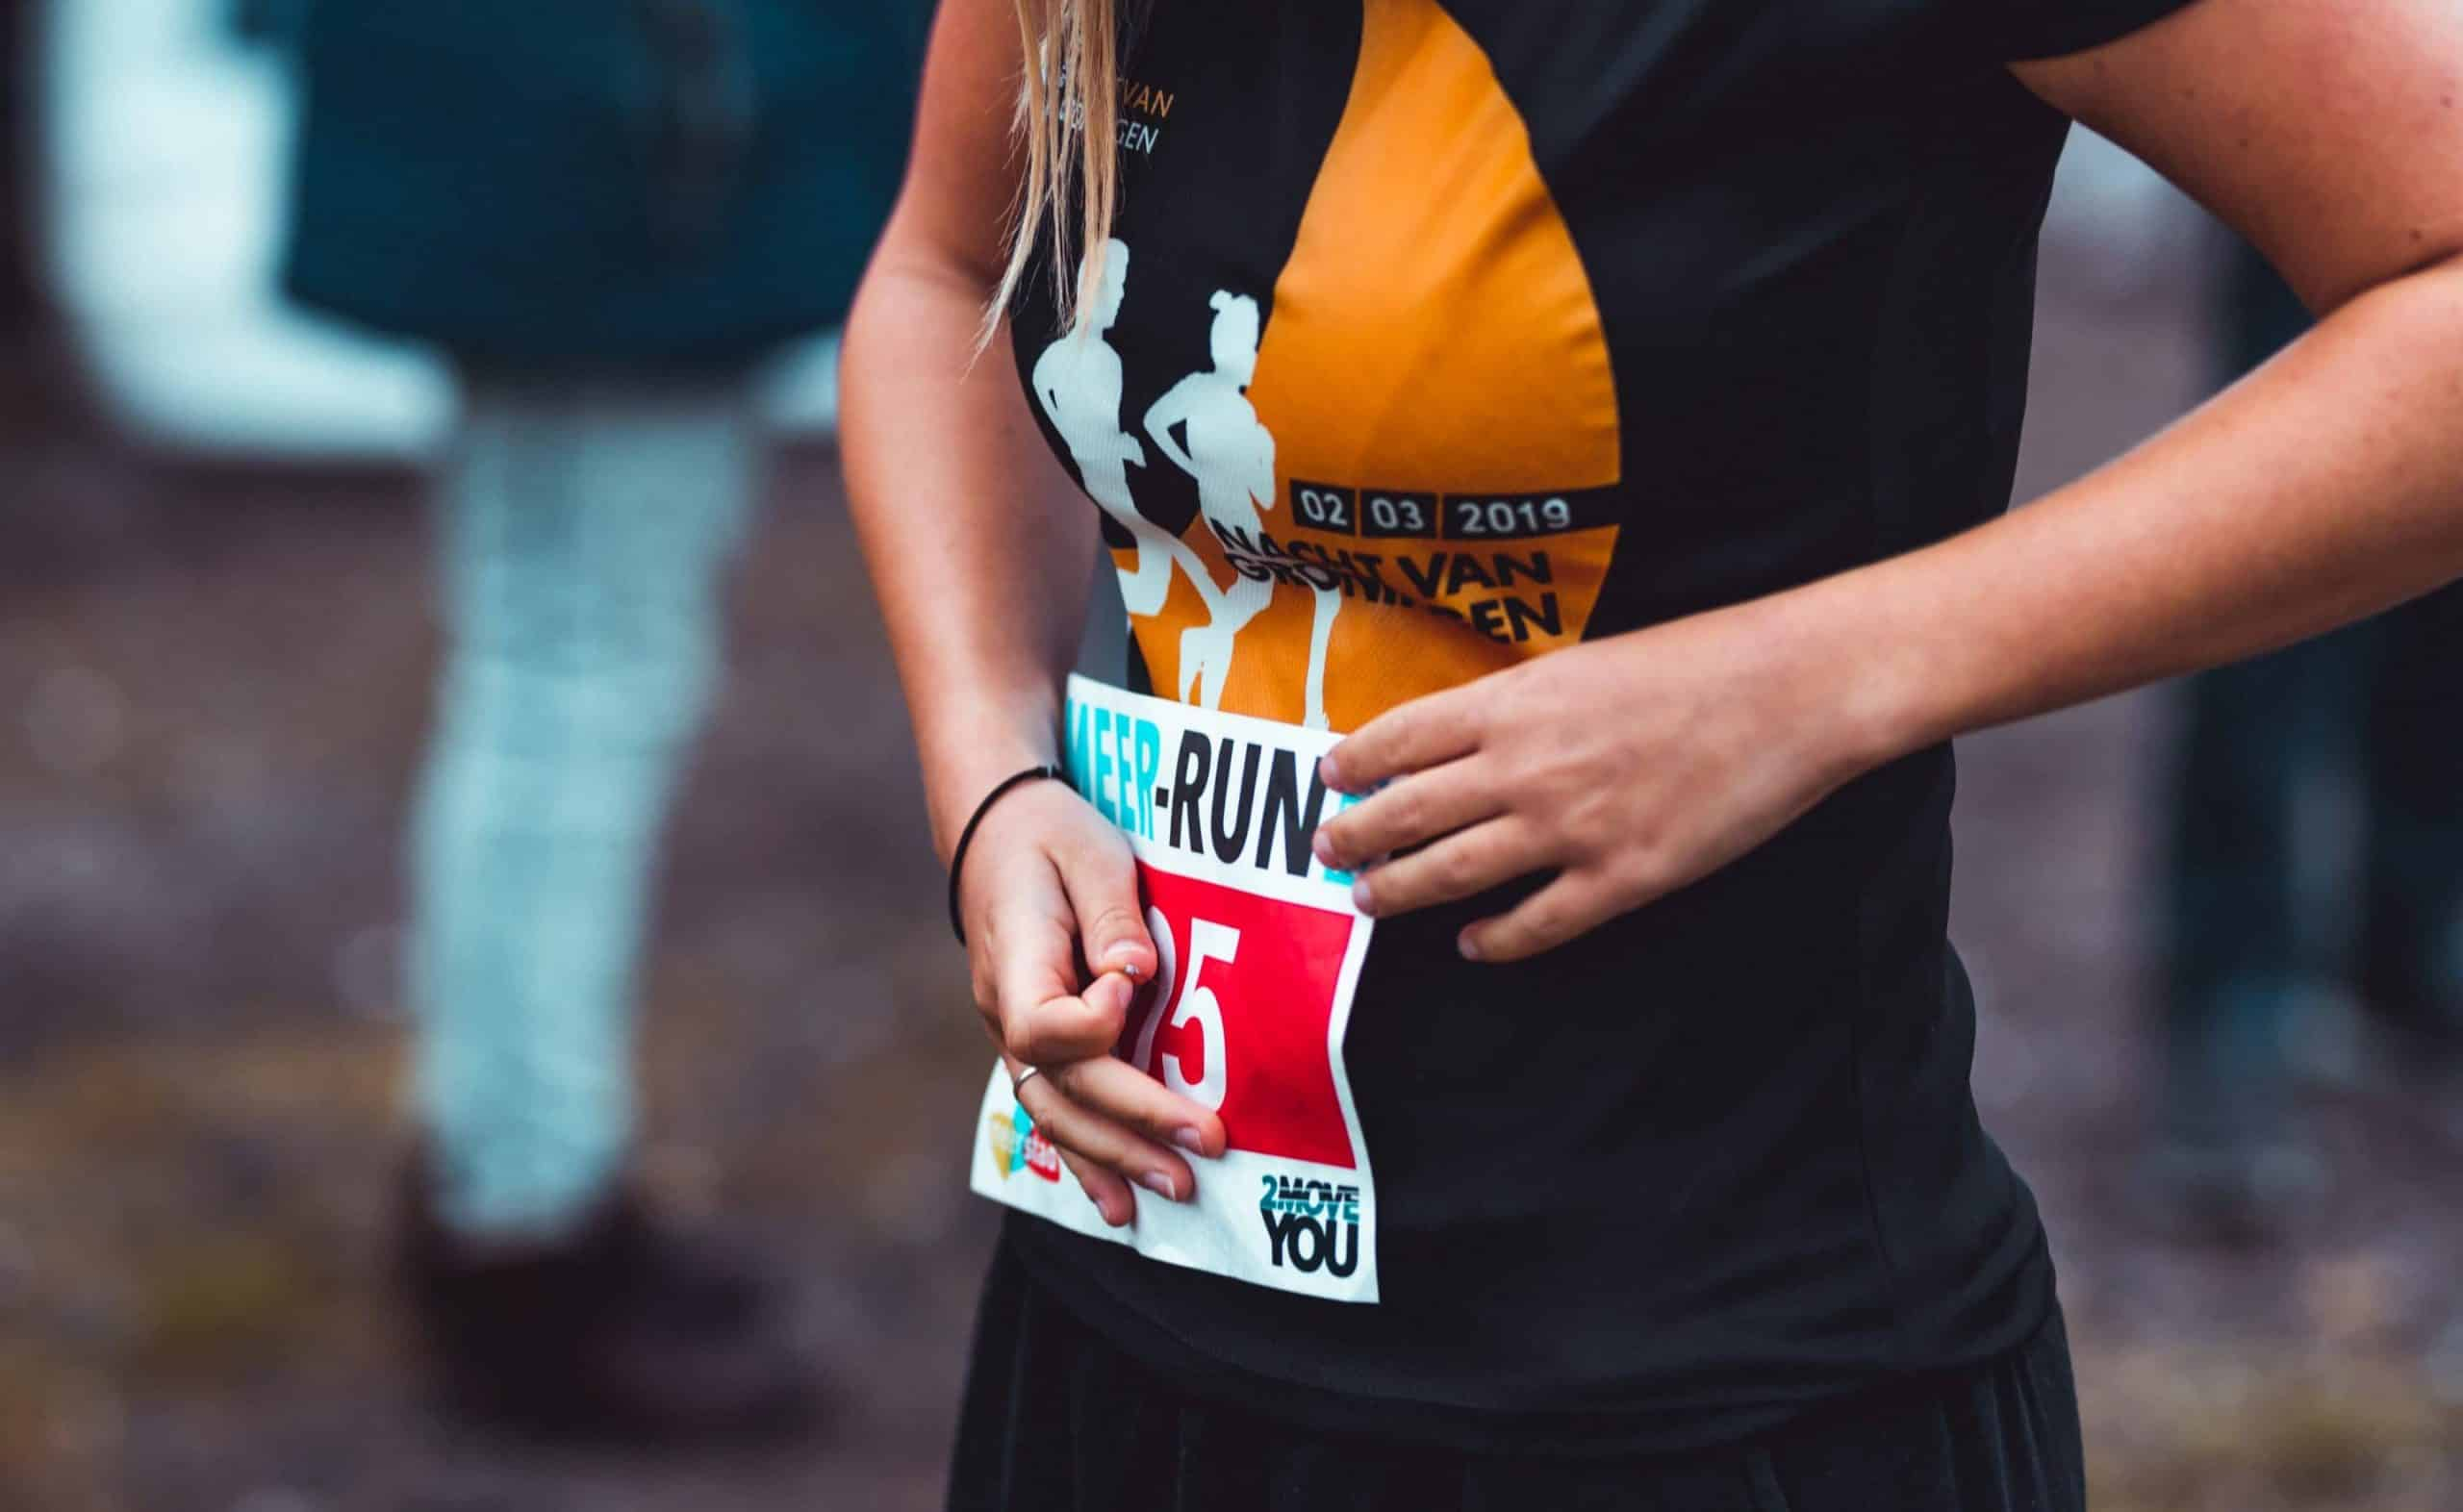 sportfotografie voorbeeld Meer-run